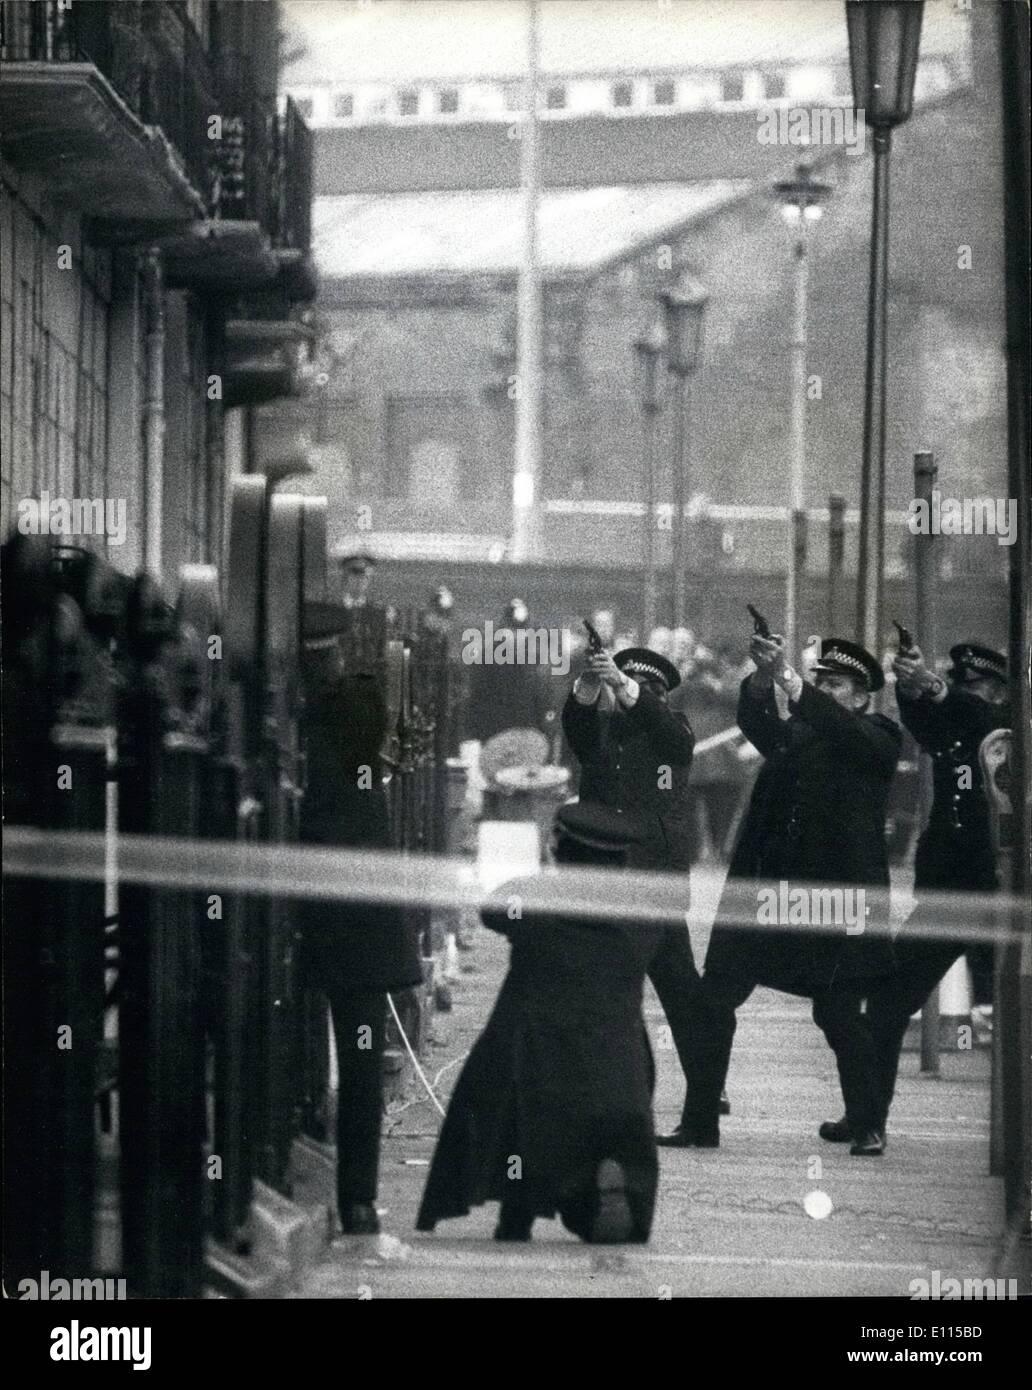 12 Dezember 1975 Machen Polizei Mit Ira Bewaffneten In London